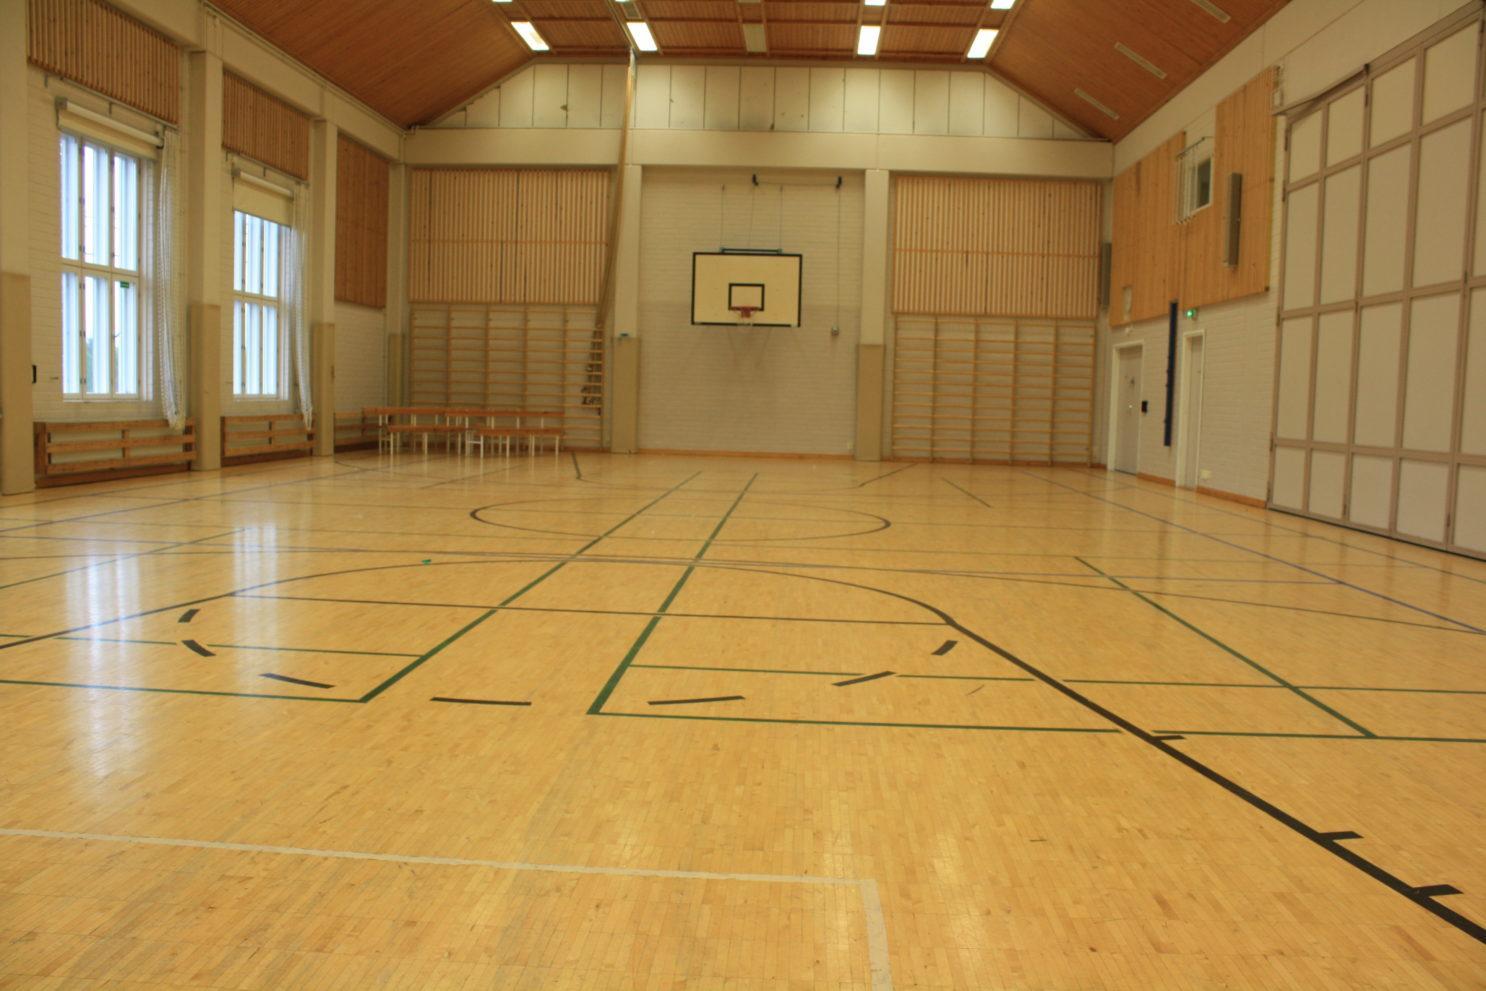 Palojoen koulun sali